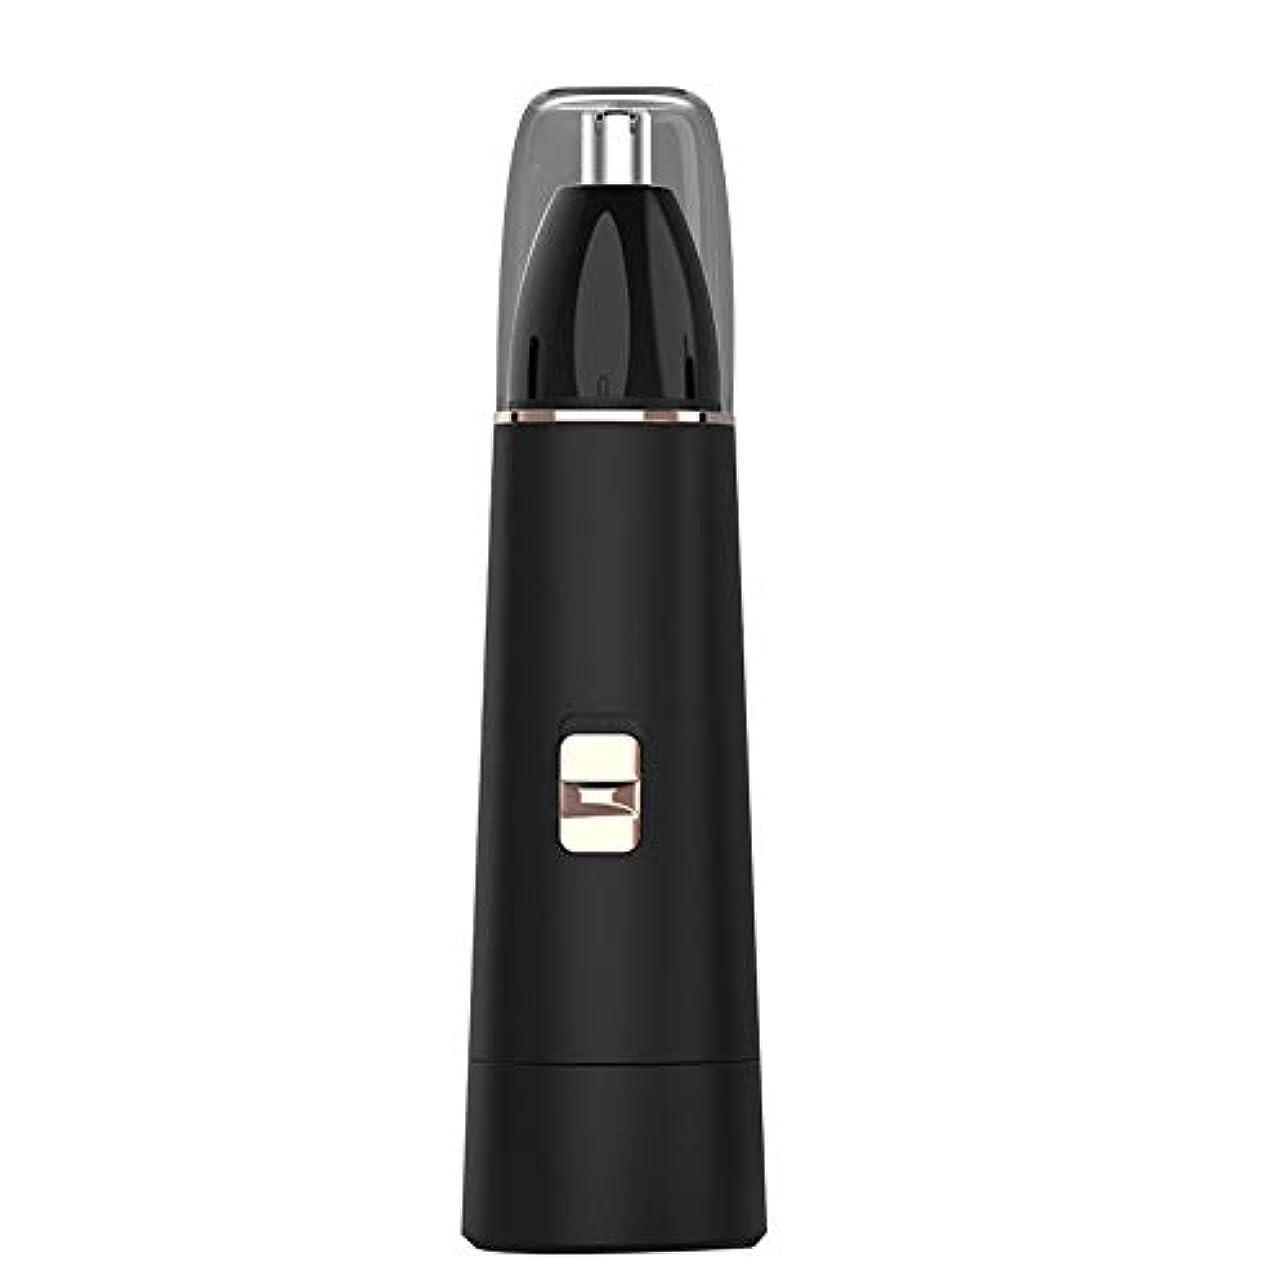 ケーブルカーマウスピース台風鼻毛トリマー-USB充電式電動鼻毛トリマー/ABS素材/多機能 持つ価値があります